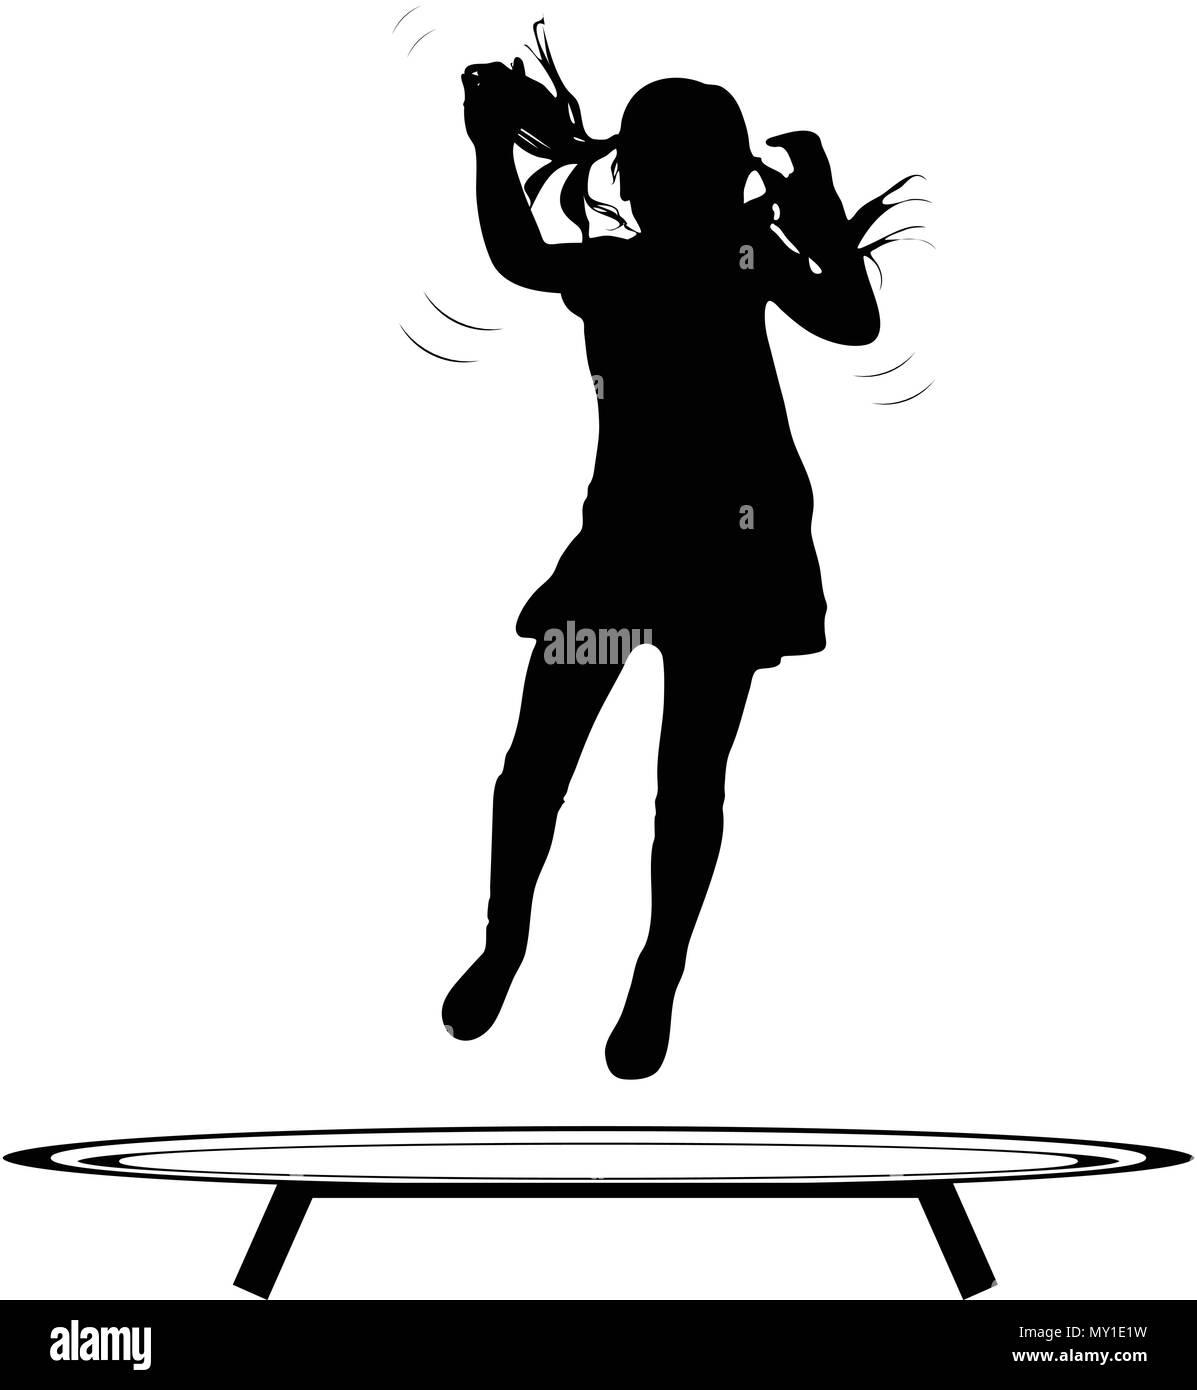 Trampoline saut man silhouette vecteur Photo Stock